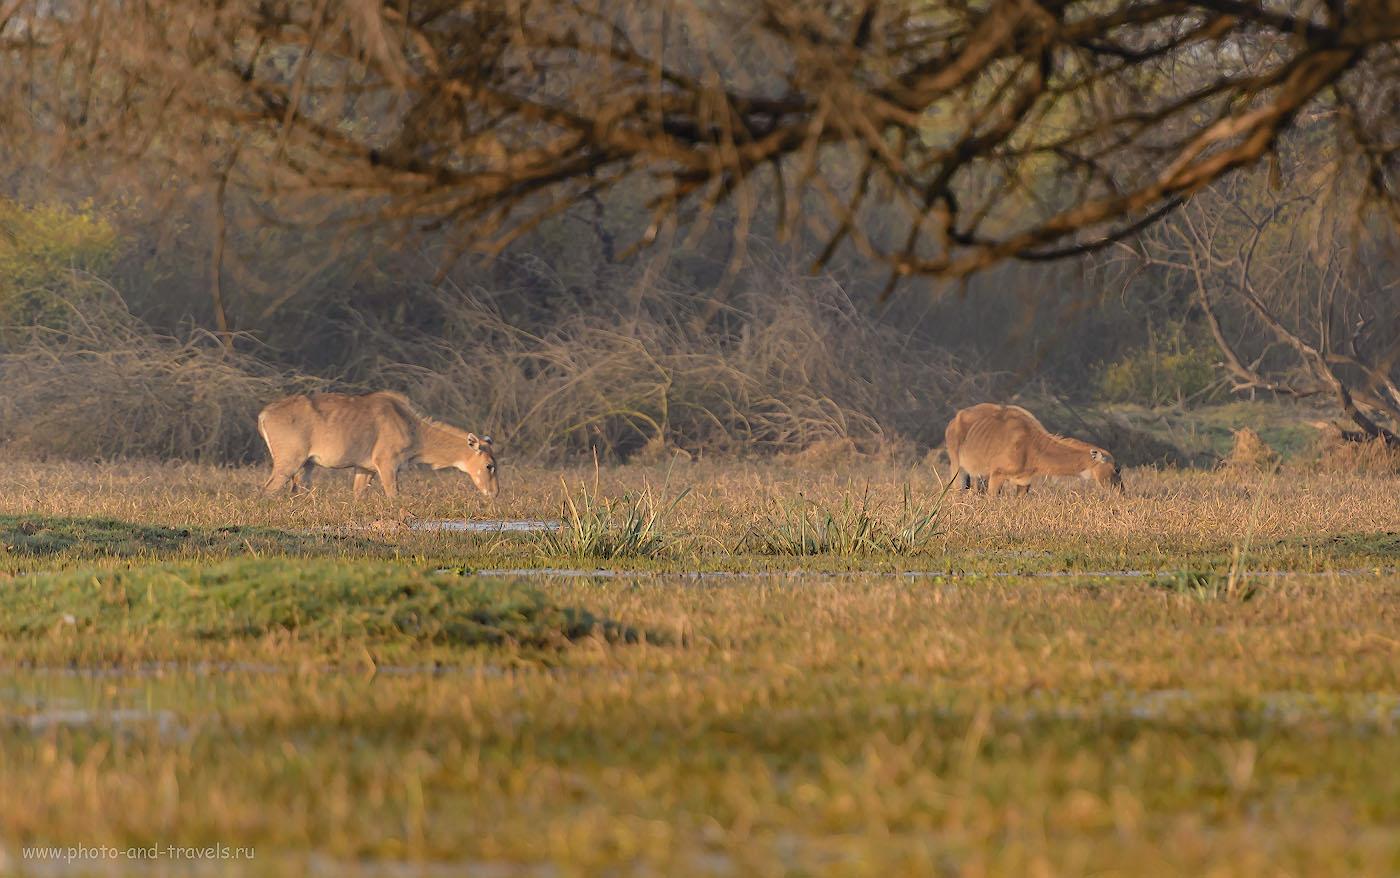 Фотография 10. Самки антилопы Нильгау в заповеднике Кеоладео. Отчет о фотоохоте в Индии. 1/640, -0.67, 4.0, 320, 280.